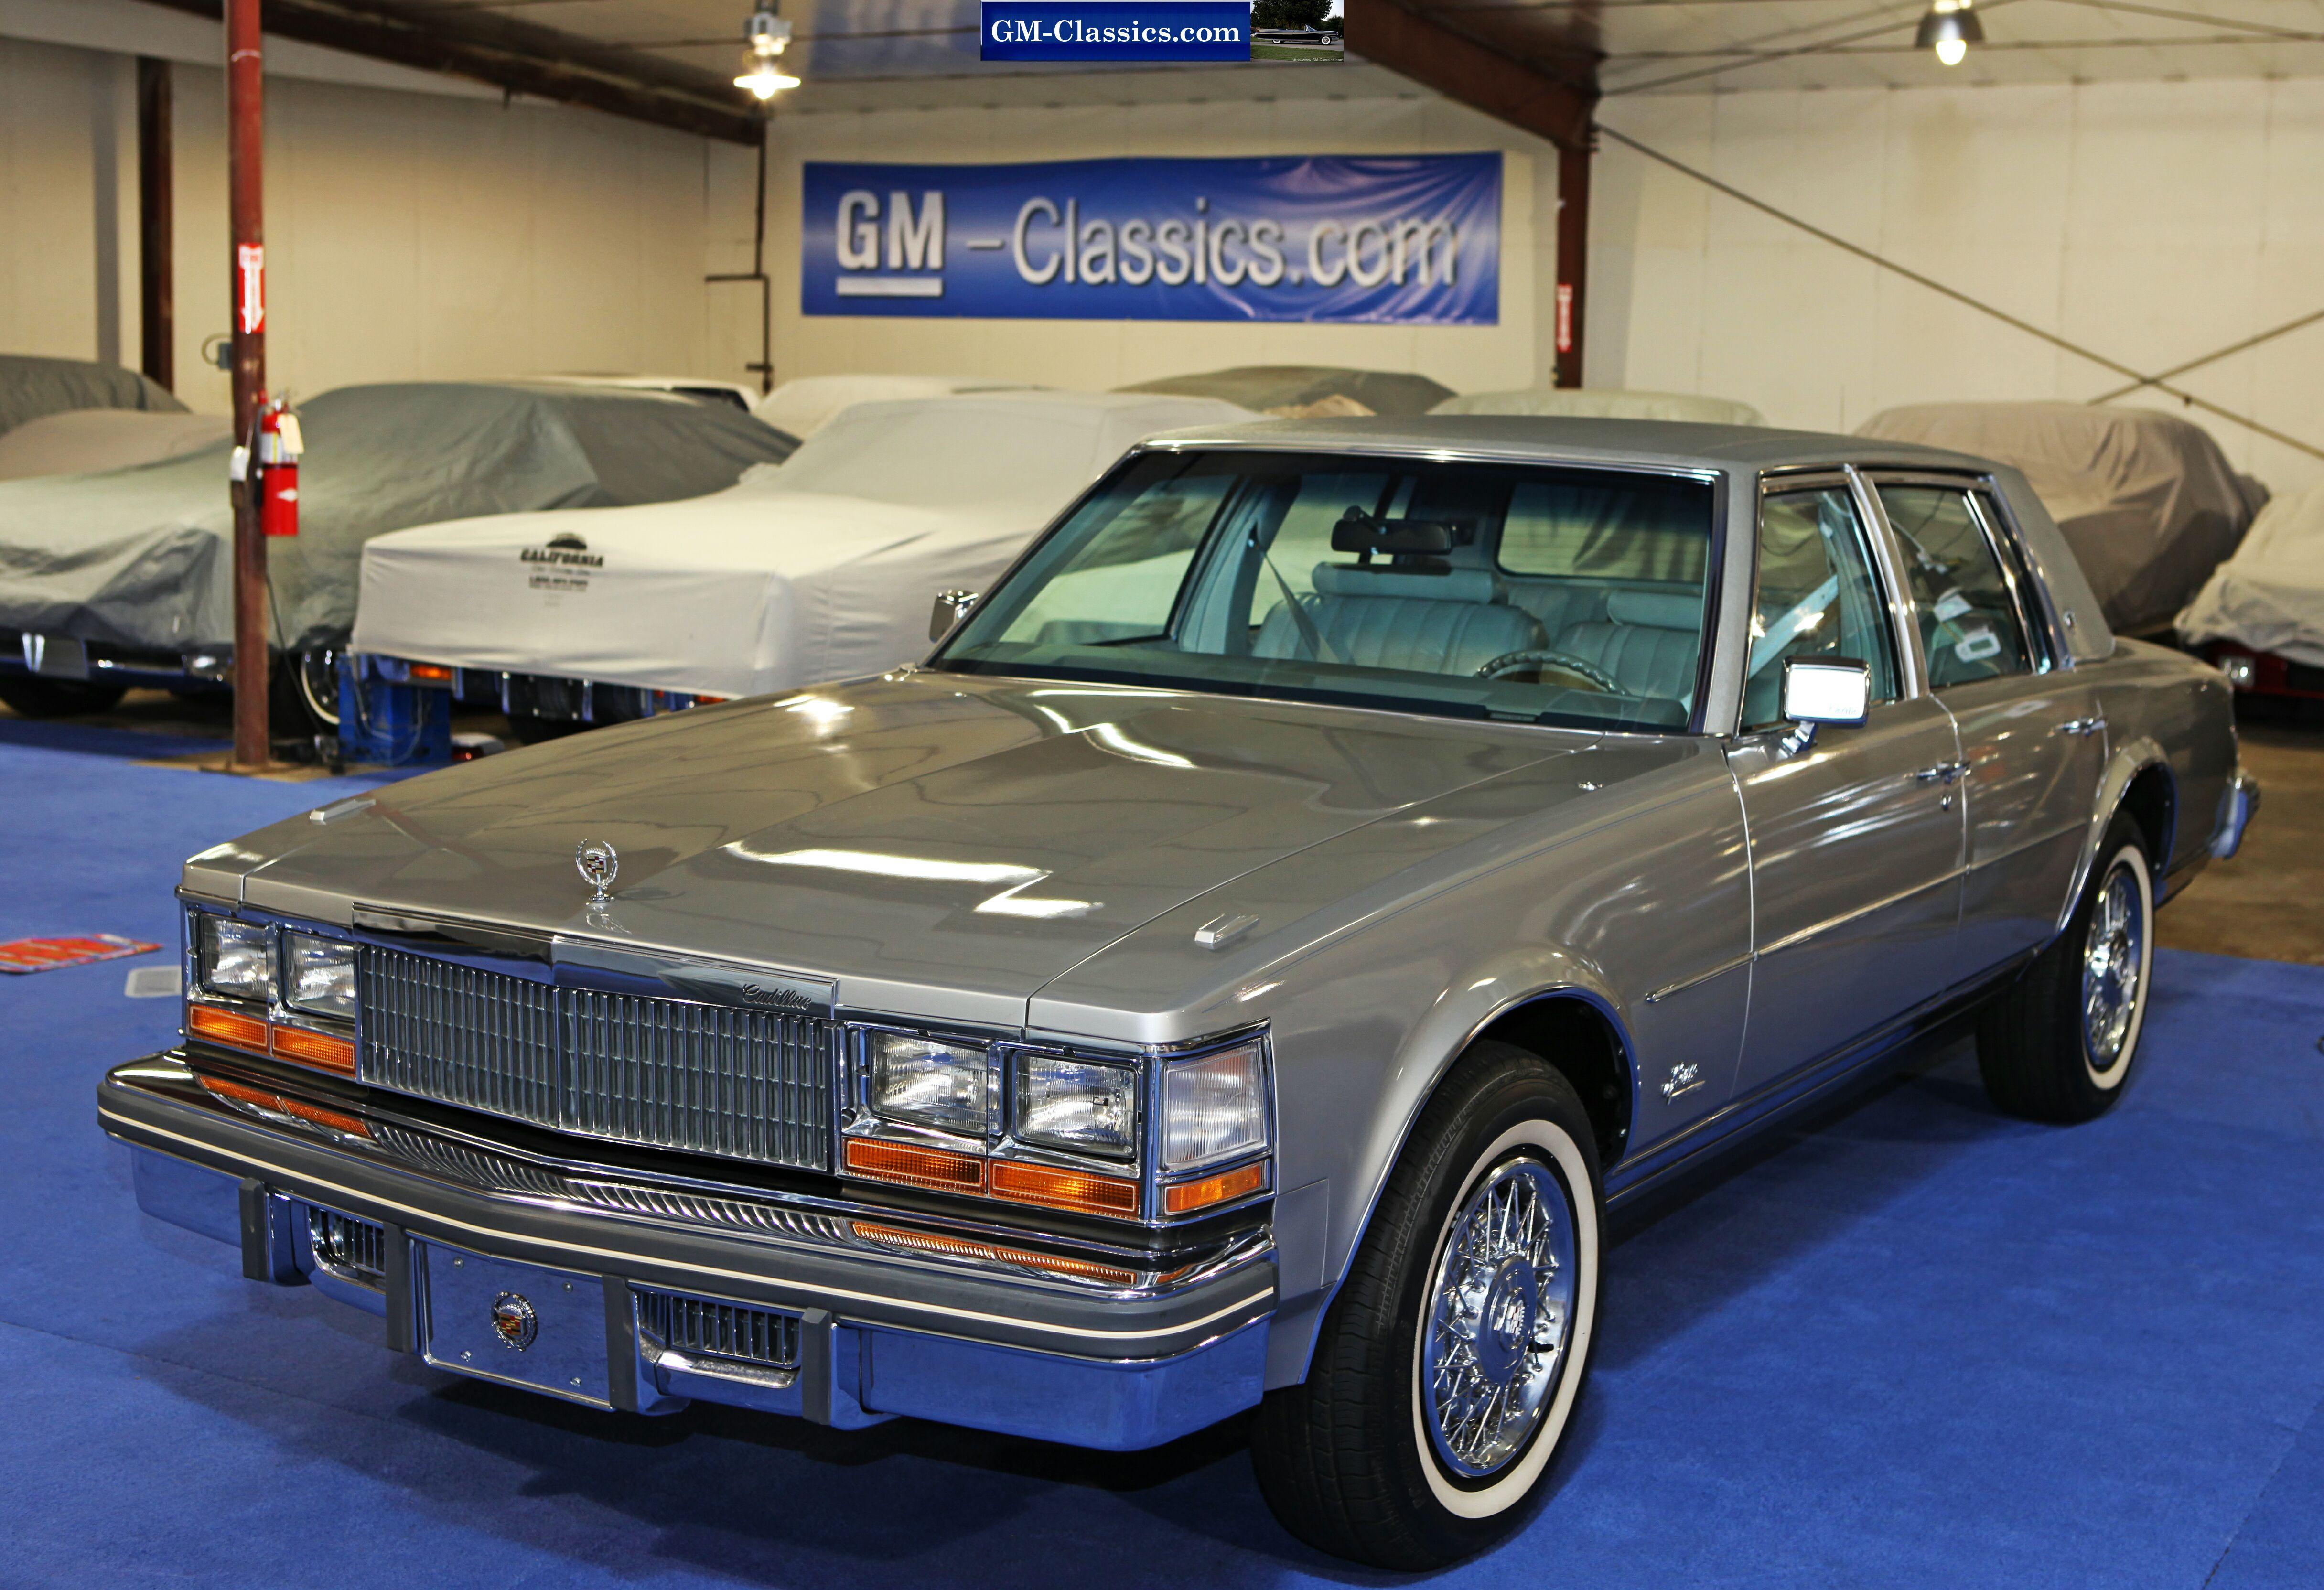 1978 Cadillac Seville - Matt Garrett